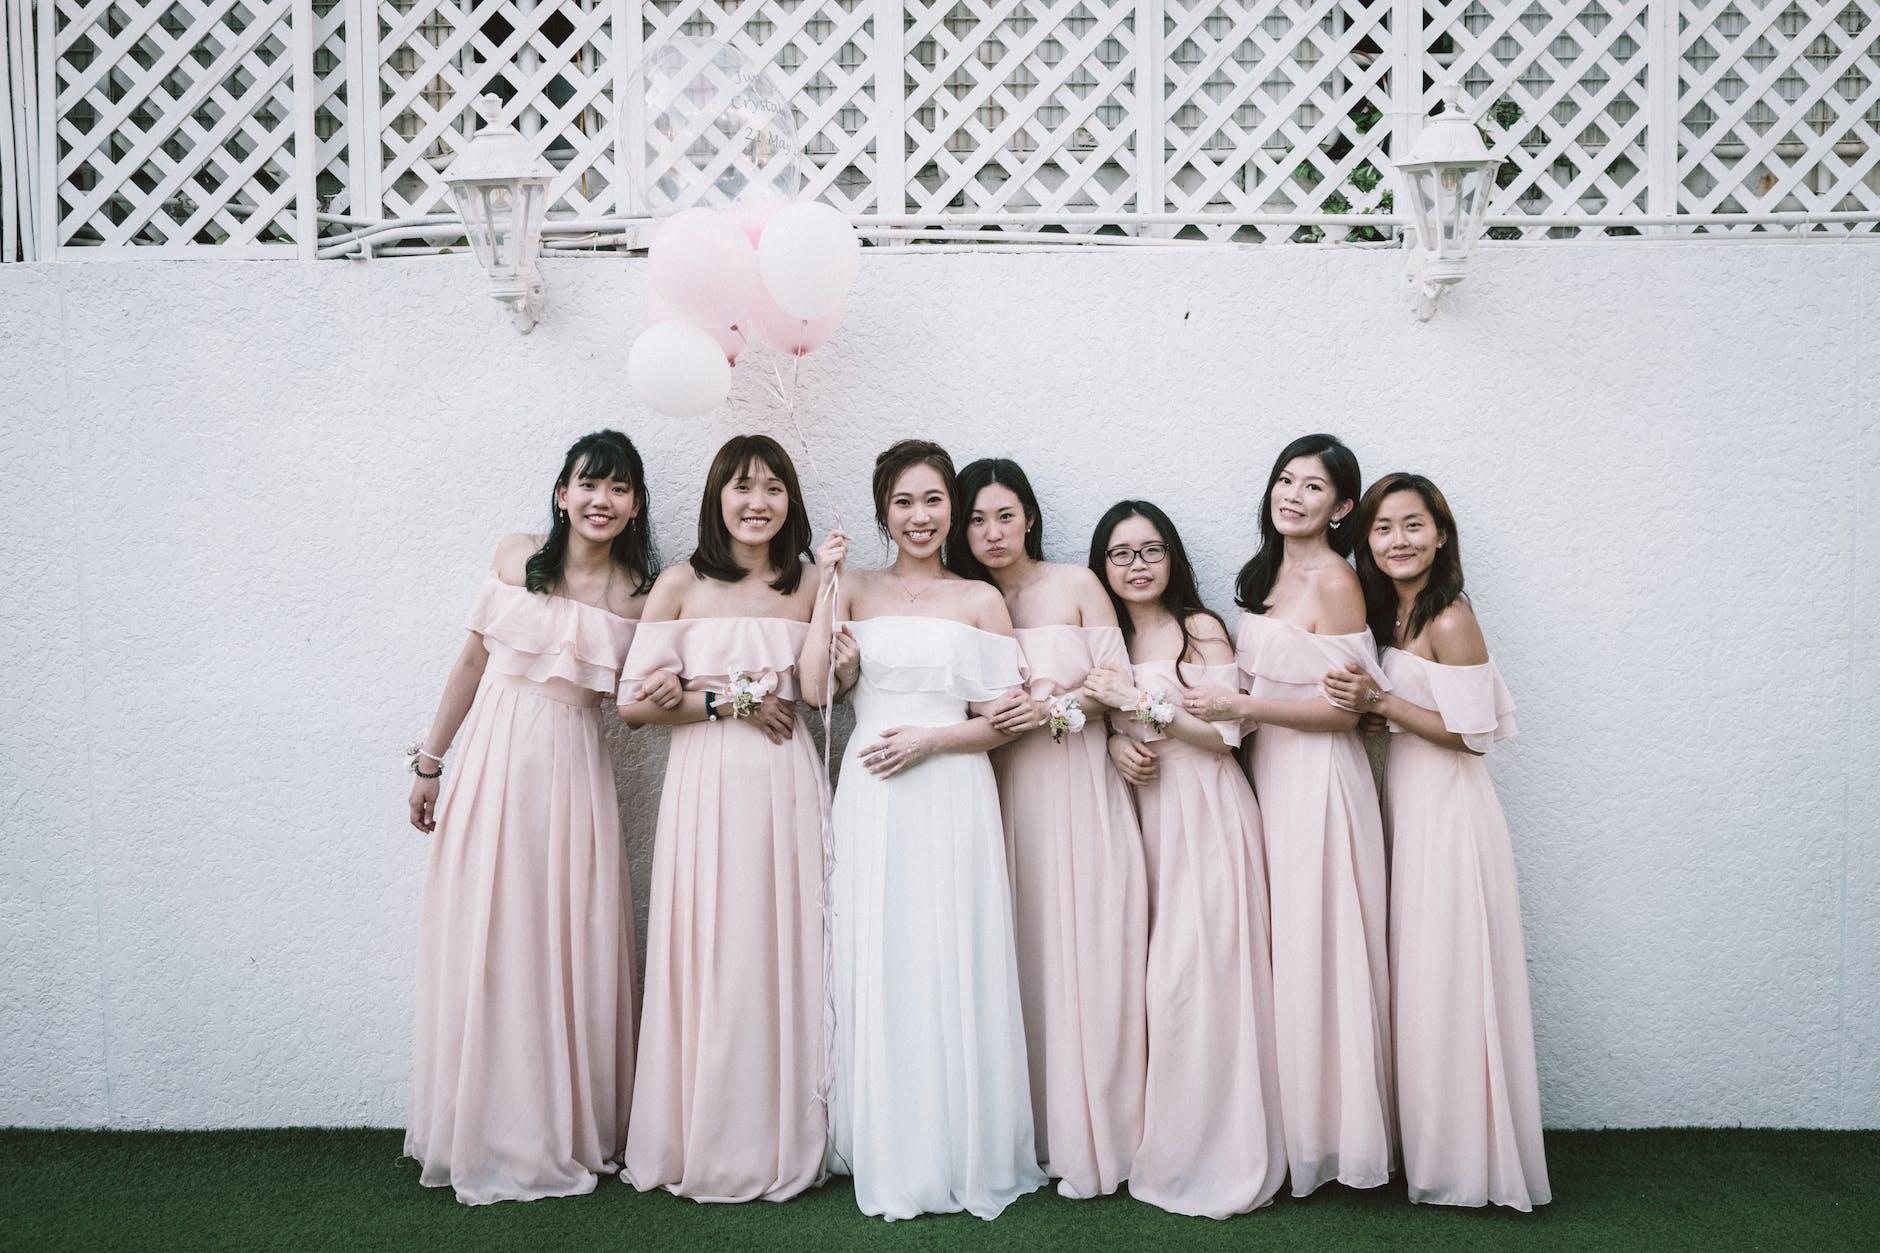 Jumlah Teman dalam Tips Menghadiri Undangan Pernikahan di Gedung